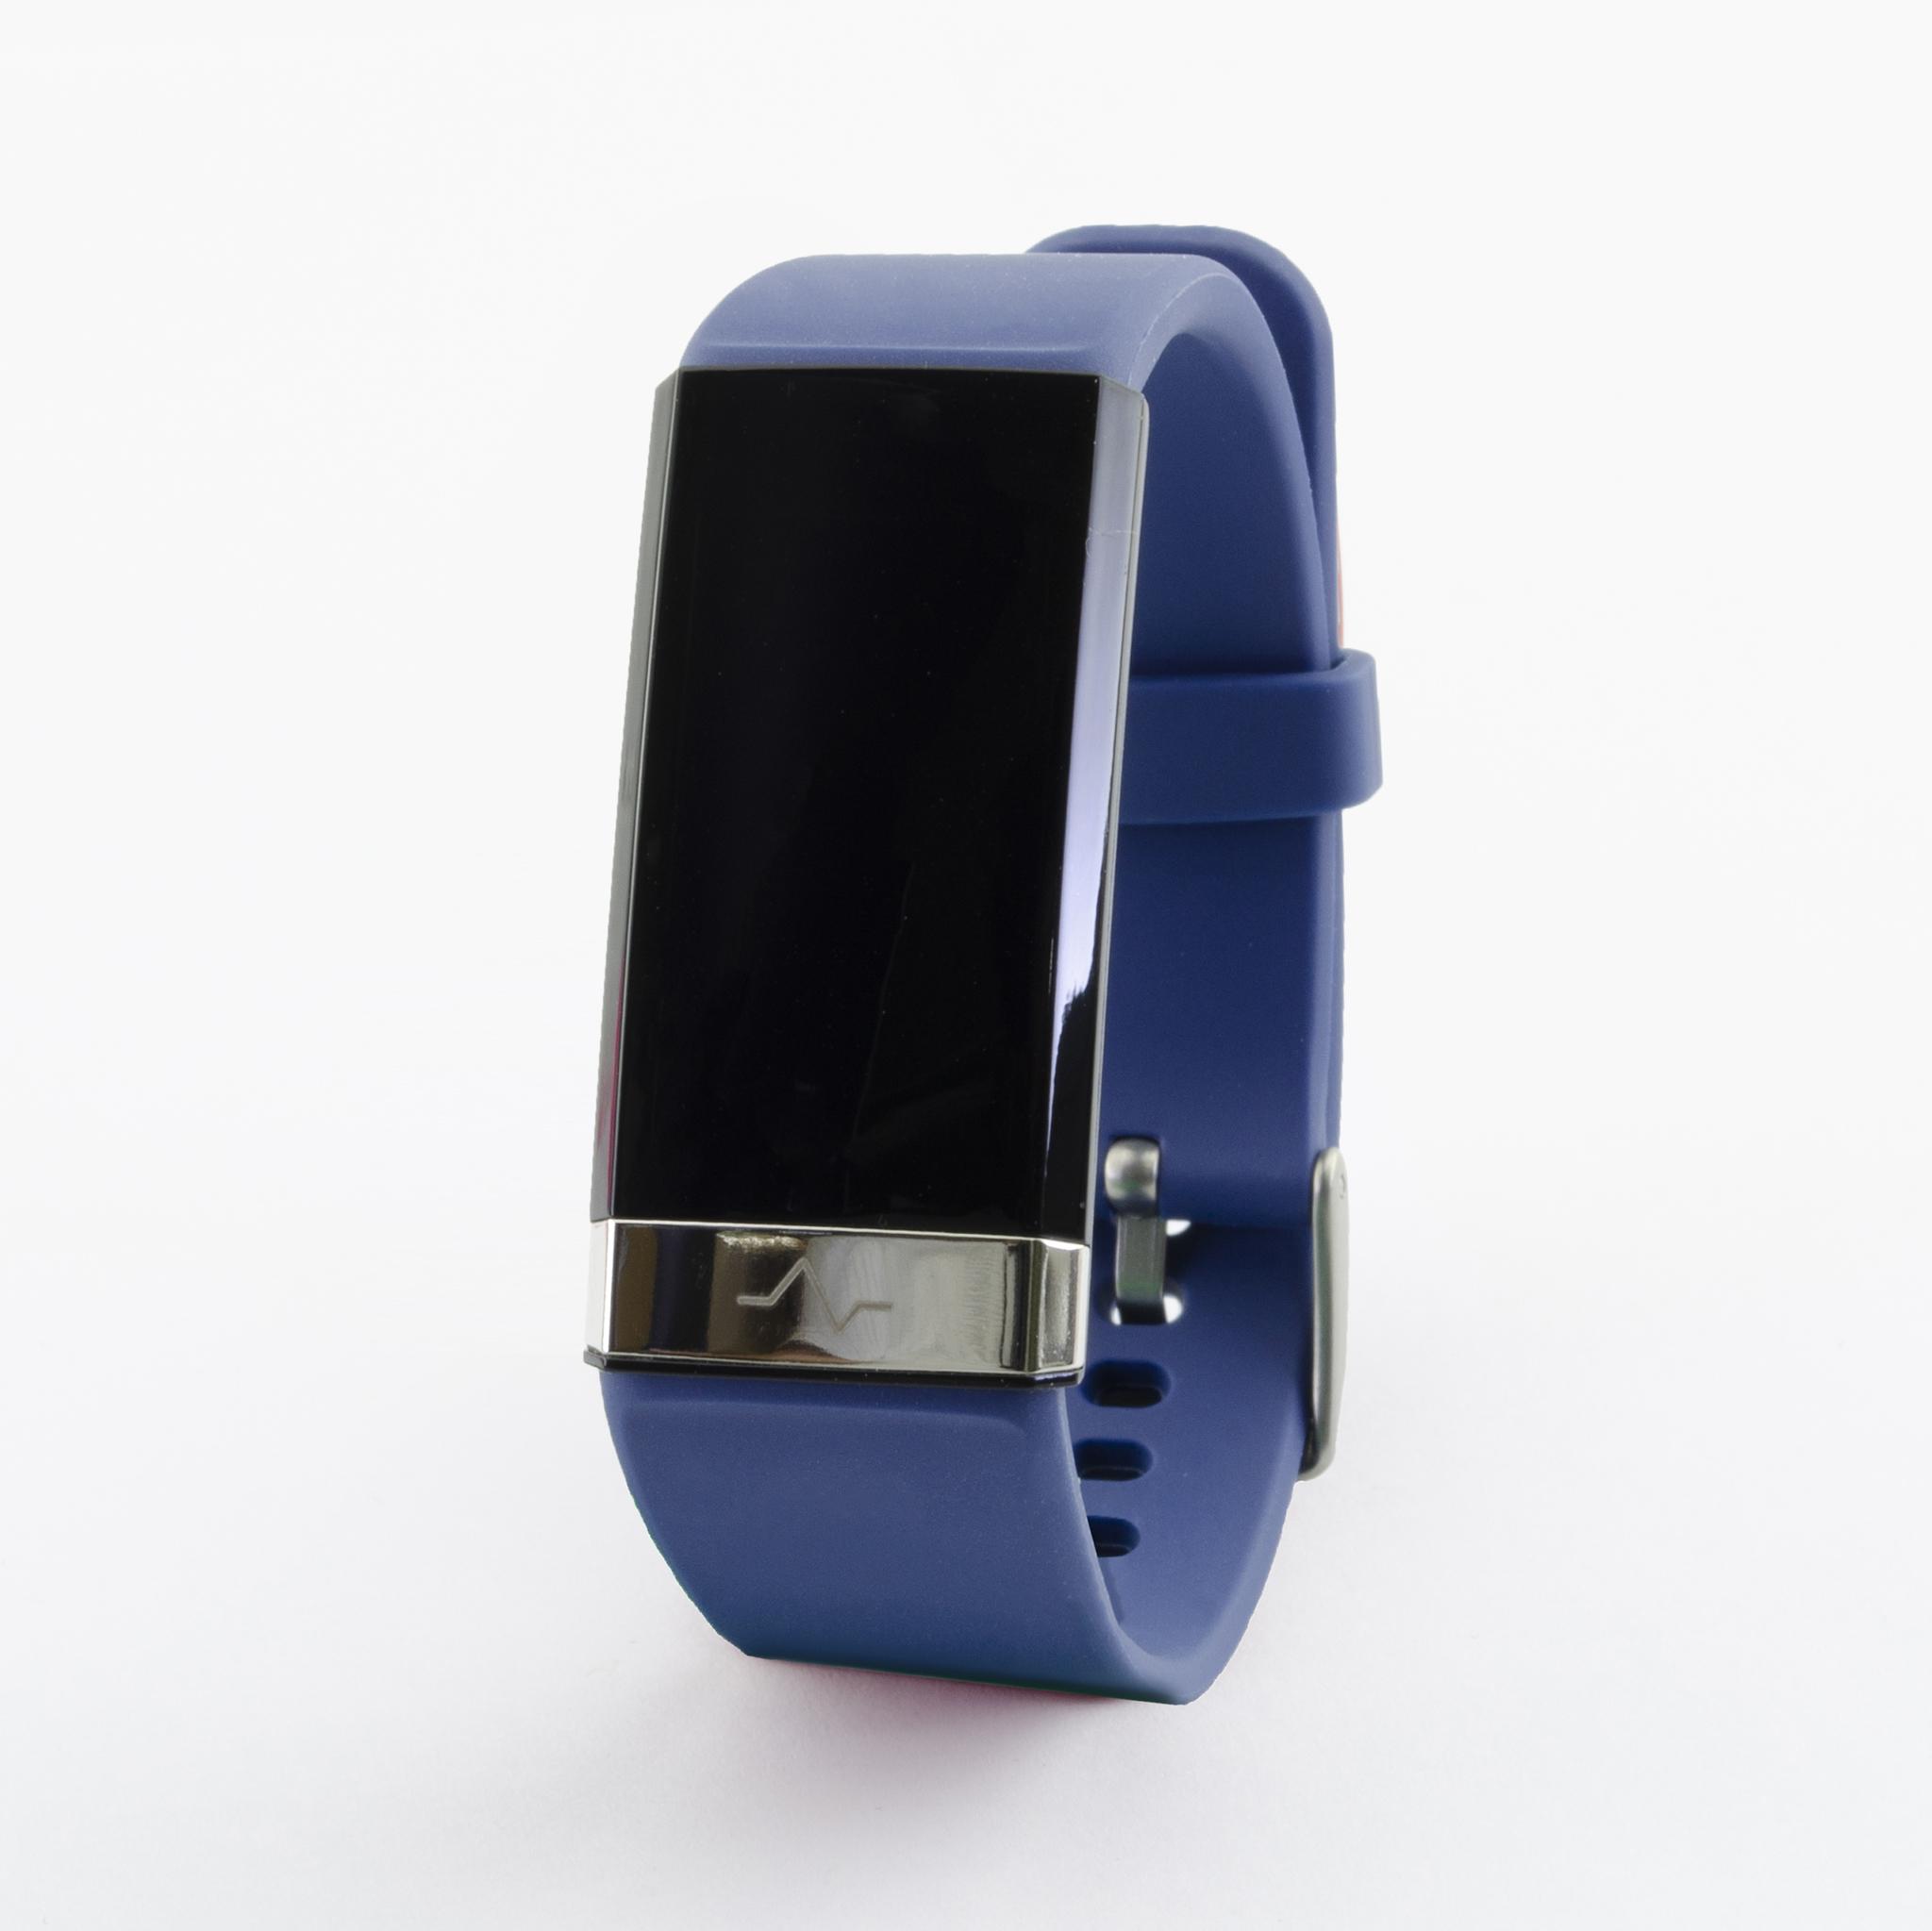 Профессиональный браслет здоровья с автоматическим измерением давления, пульса, кислорода, HRV, снятием ЭКГ и контролем аномального пульса  Biomer №19 (HB) (синий)